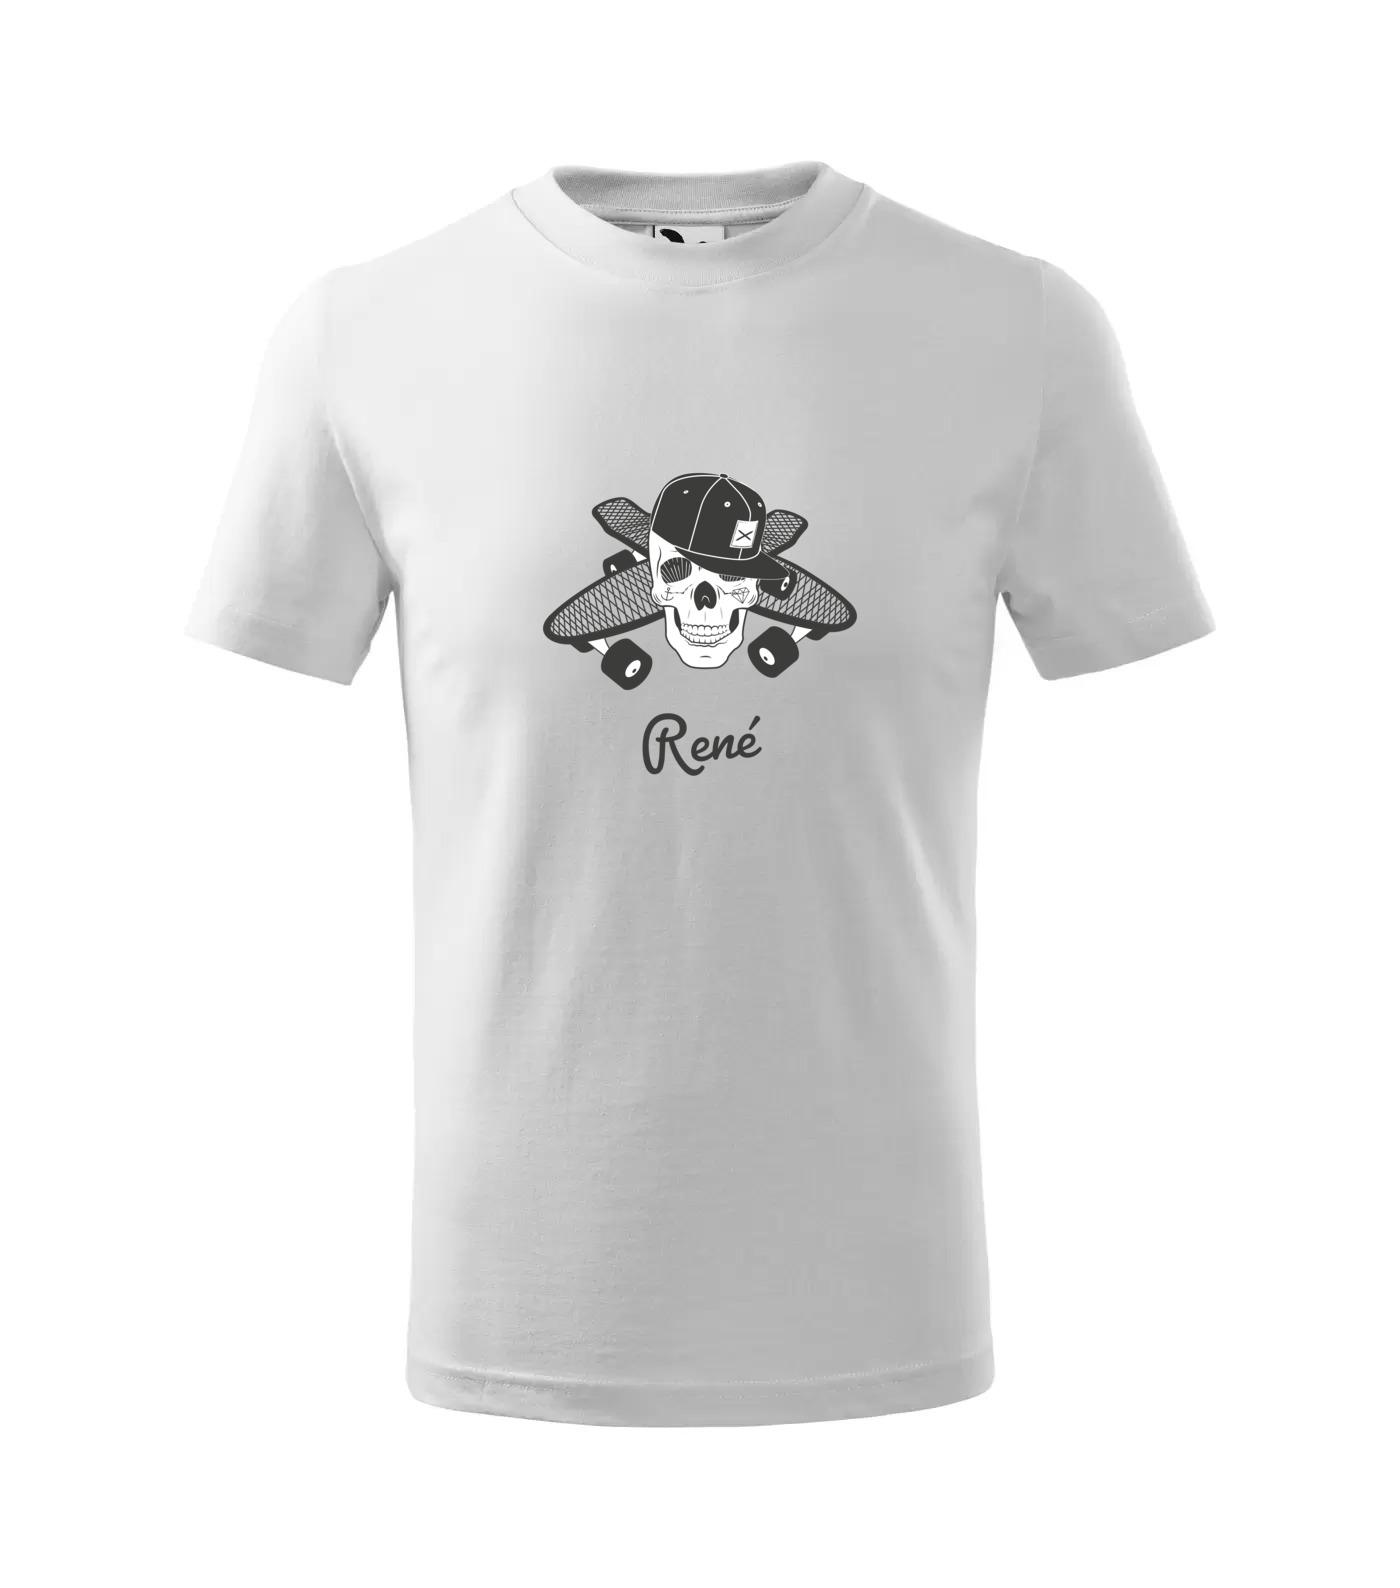 Tričko Skejťák René